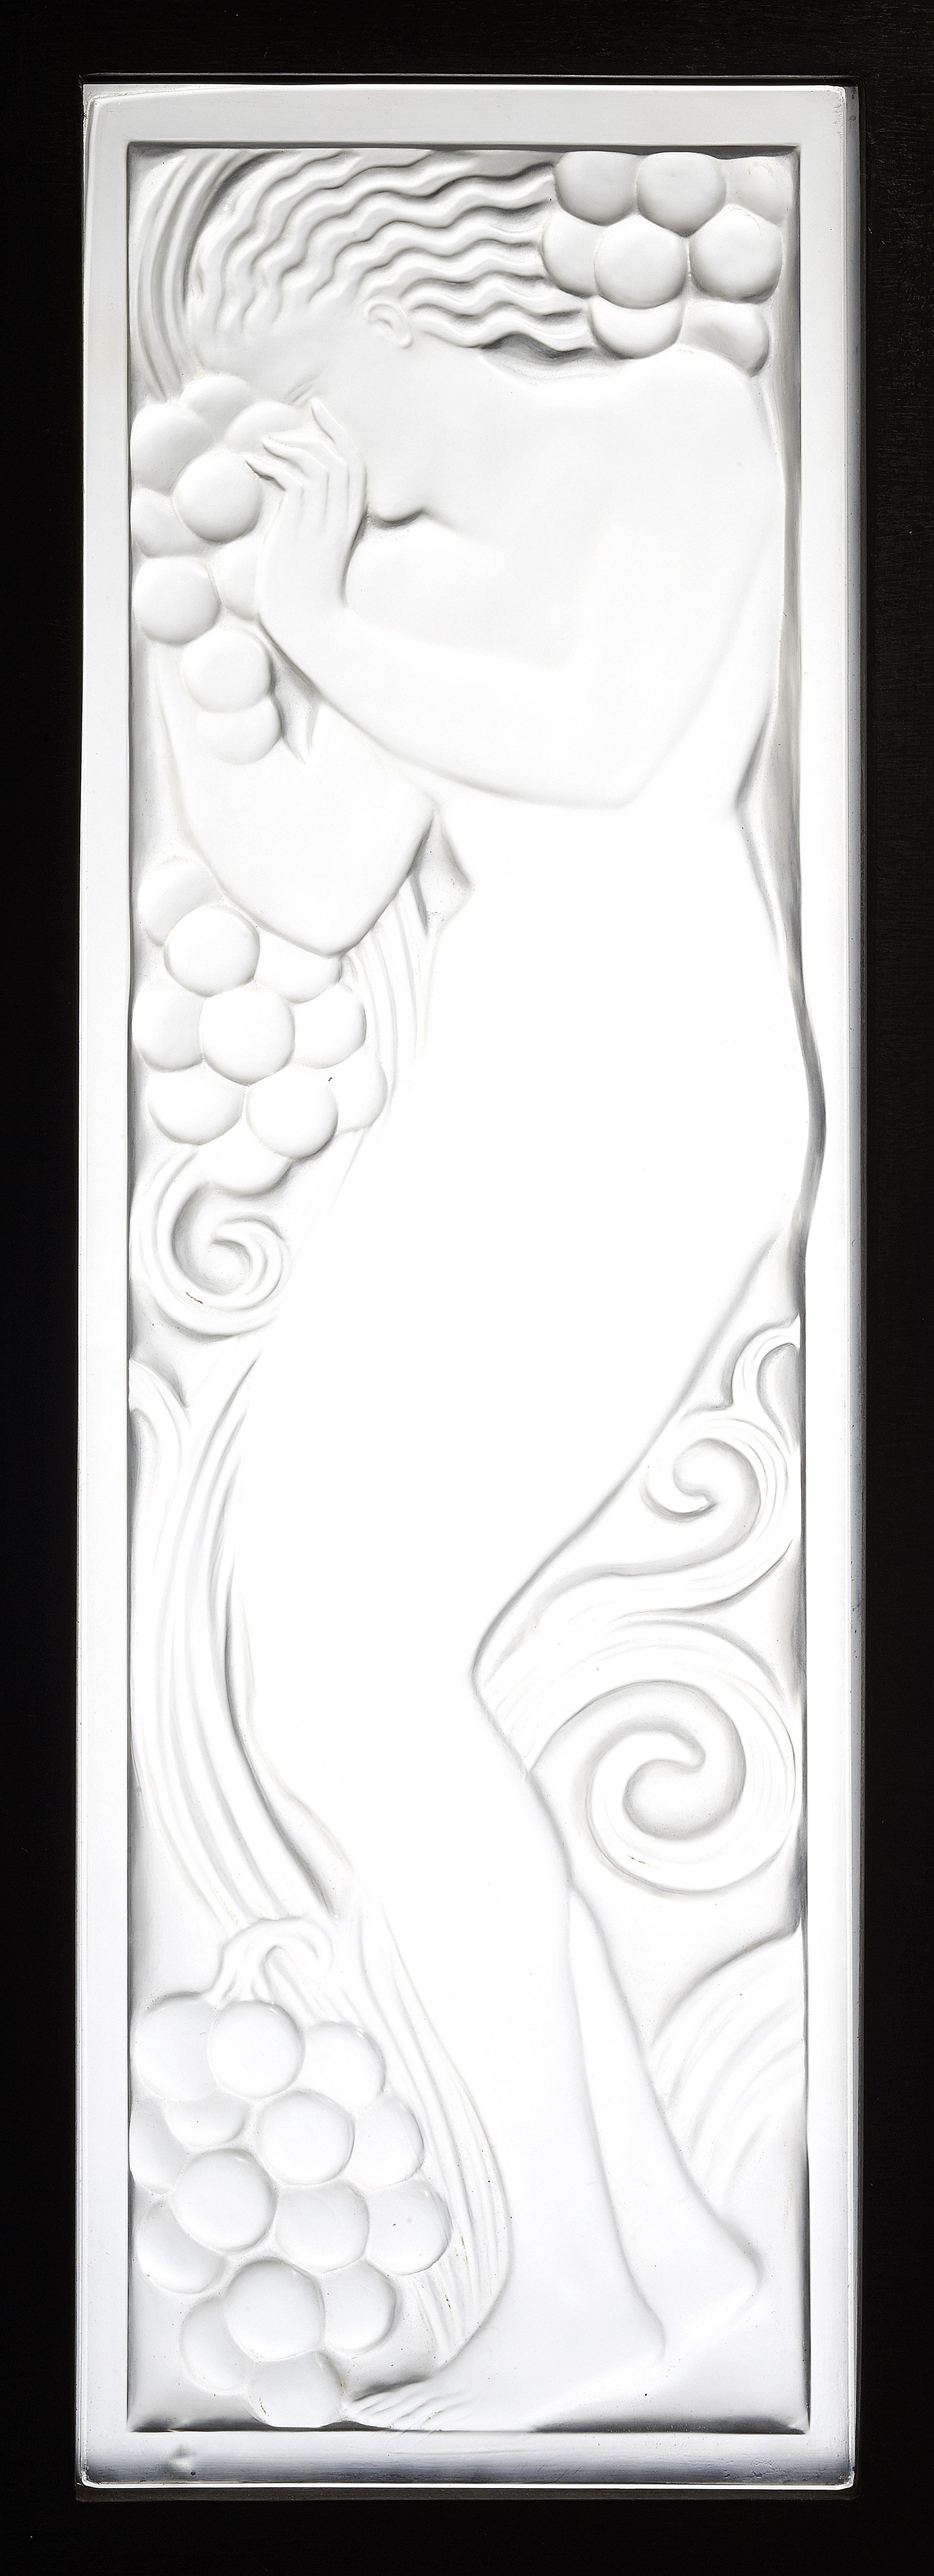 Rene Lalique Glass Panel Artcurial Paris